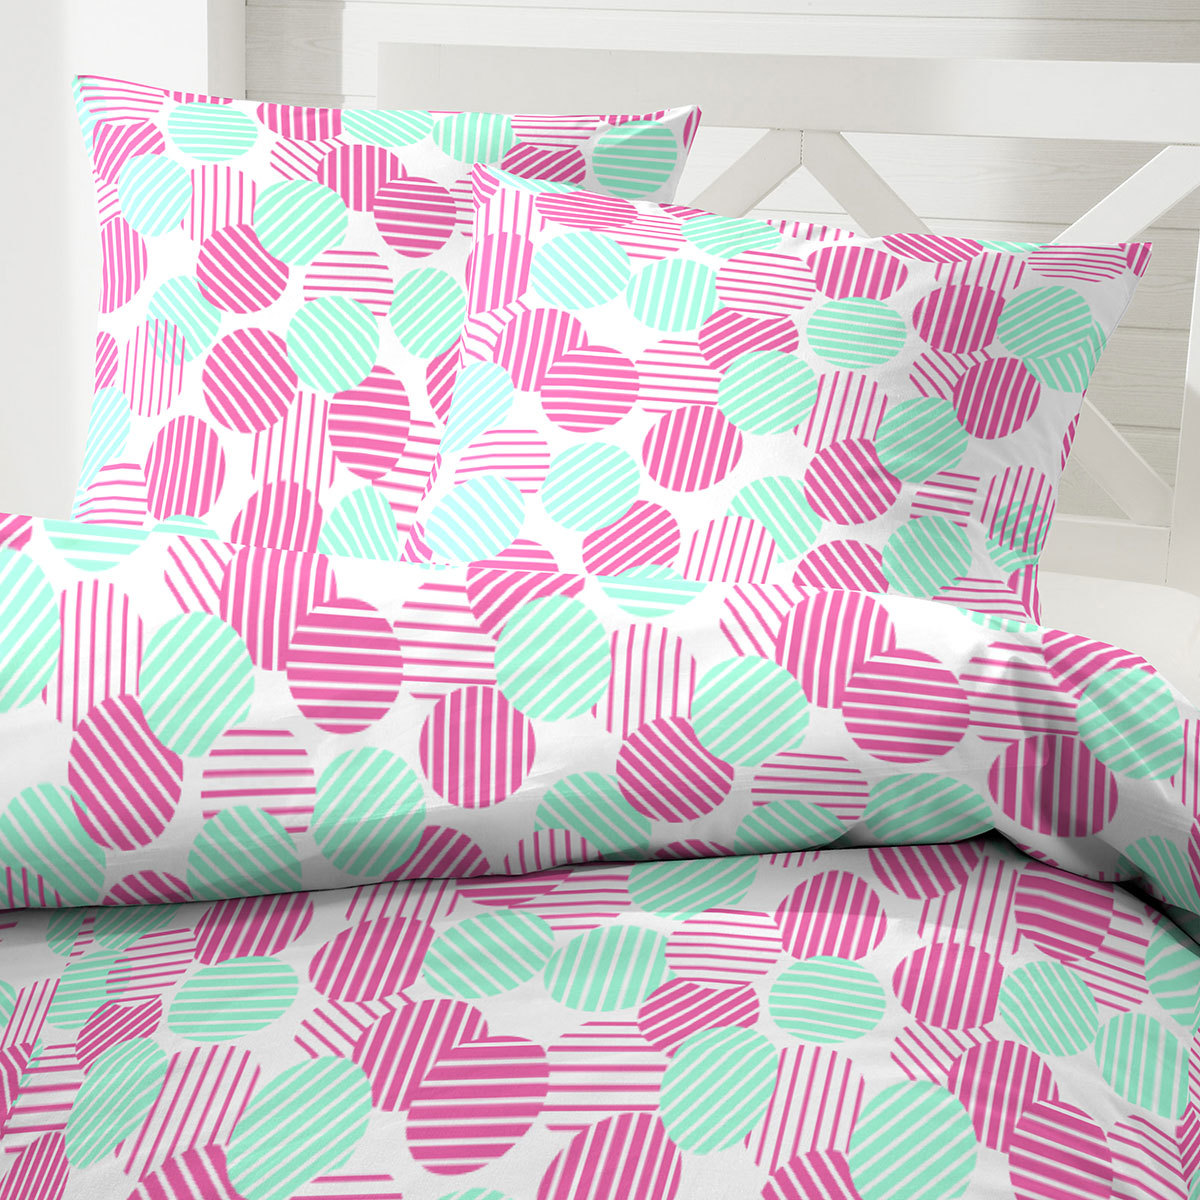 hahn mikrofaser seersucker bettw sche punkte pink g nstig online kaufen bei bettwaren shop. Black Bedroom Furniture Sets. Home Design Ideas